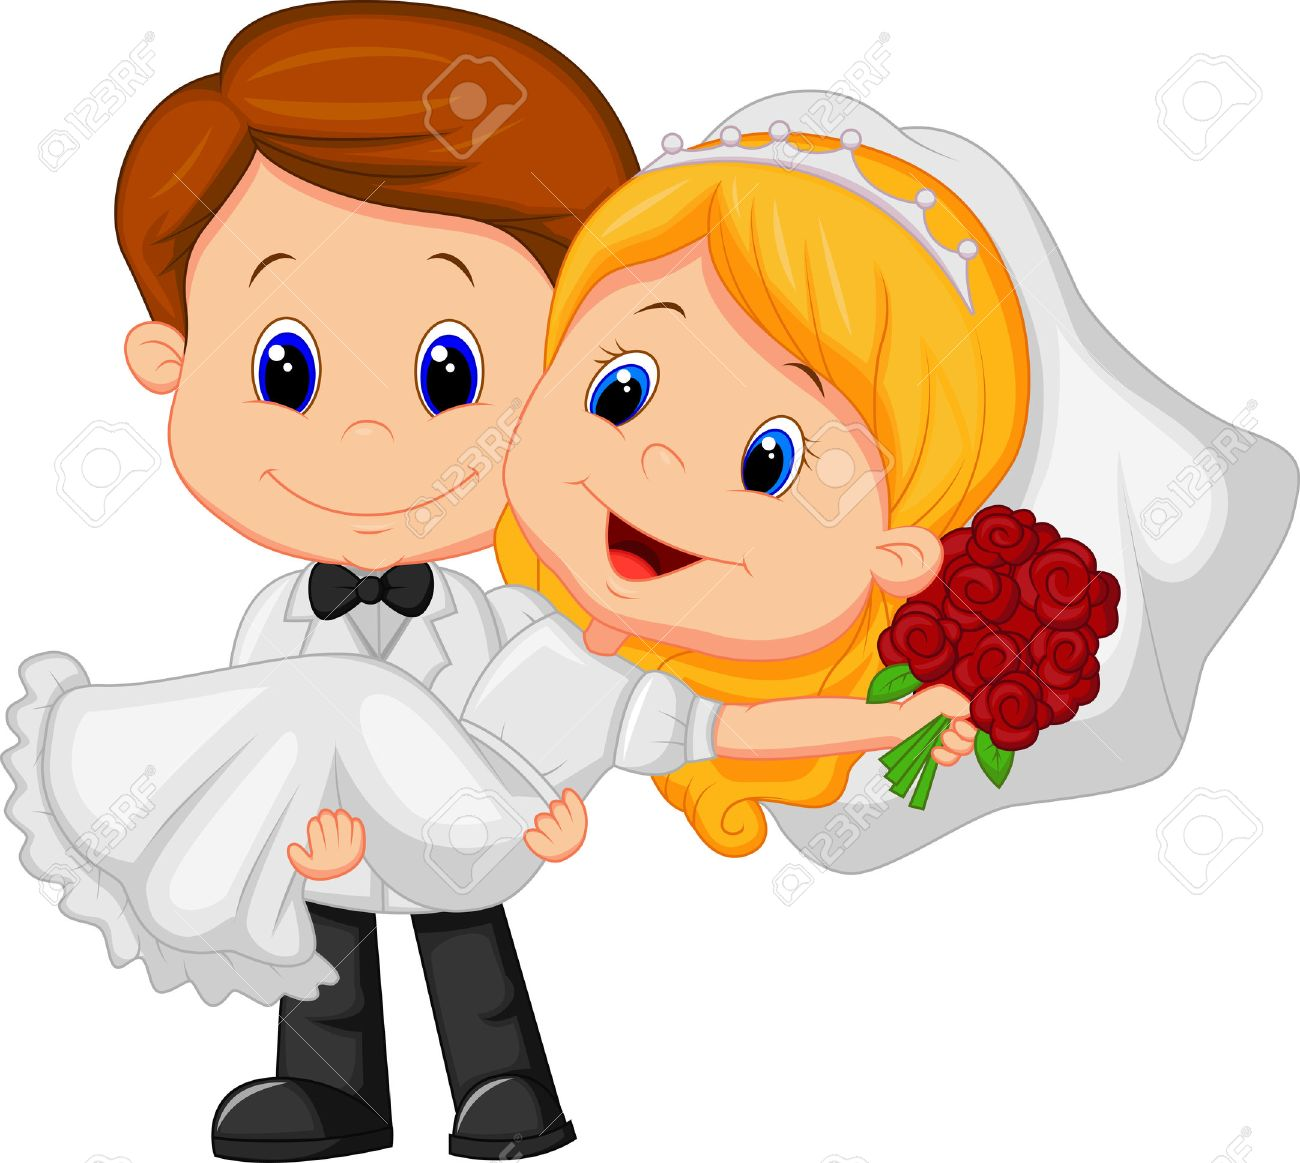 Dibujos animados para niños Jugar Bride and Groom Foto de archivo , 22731605